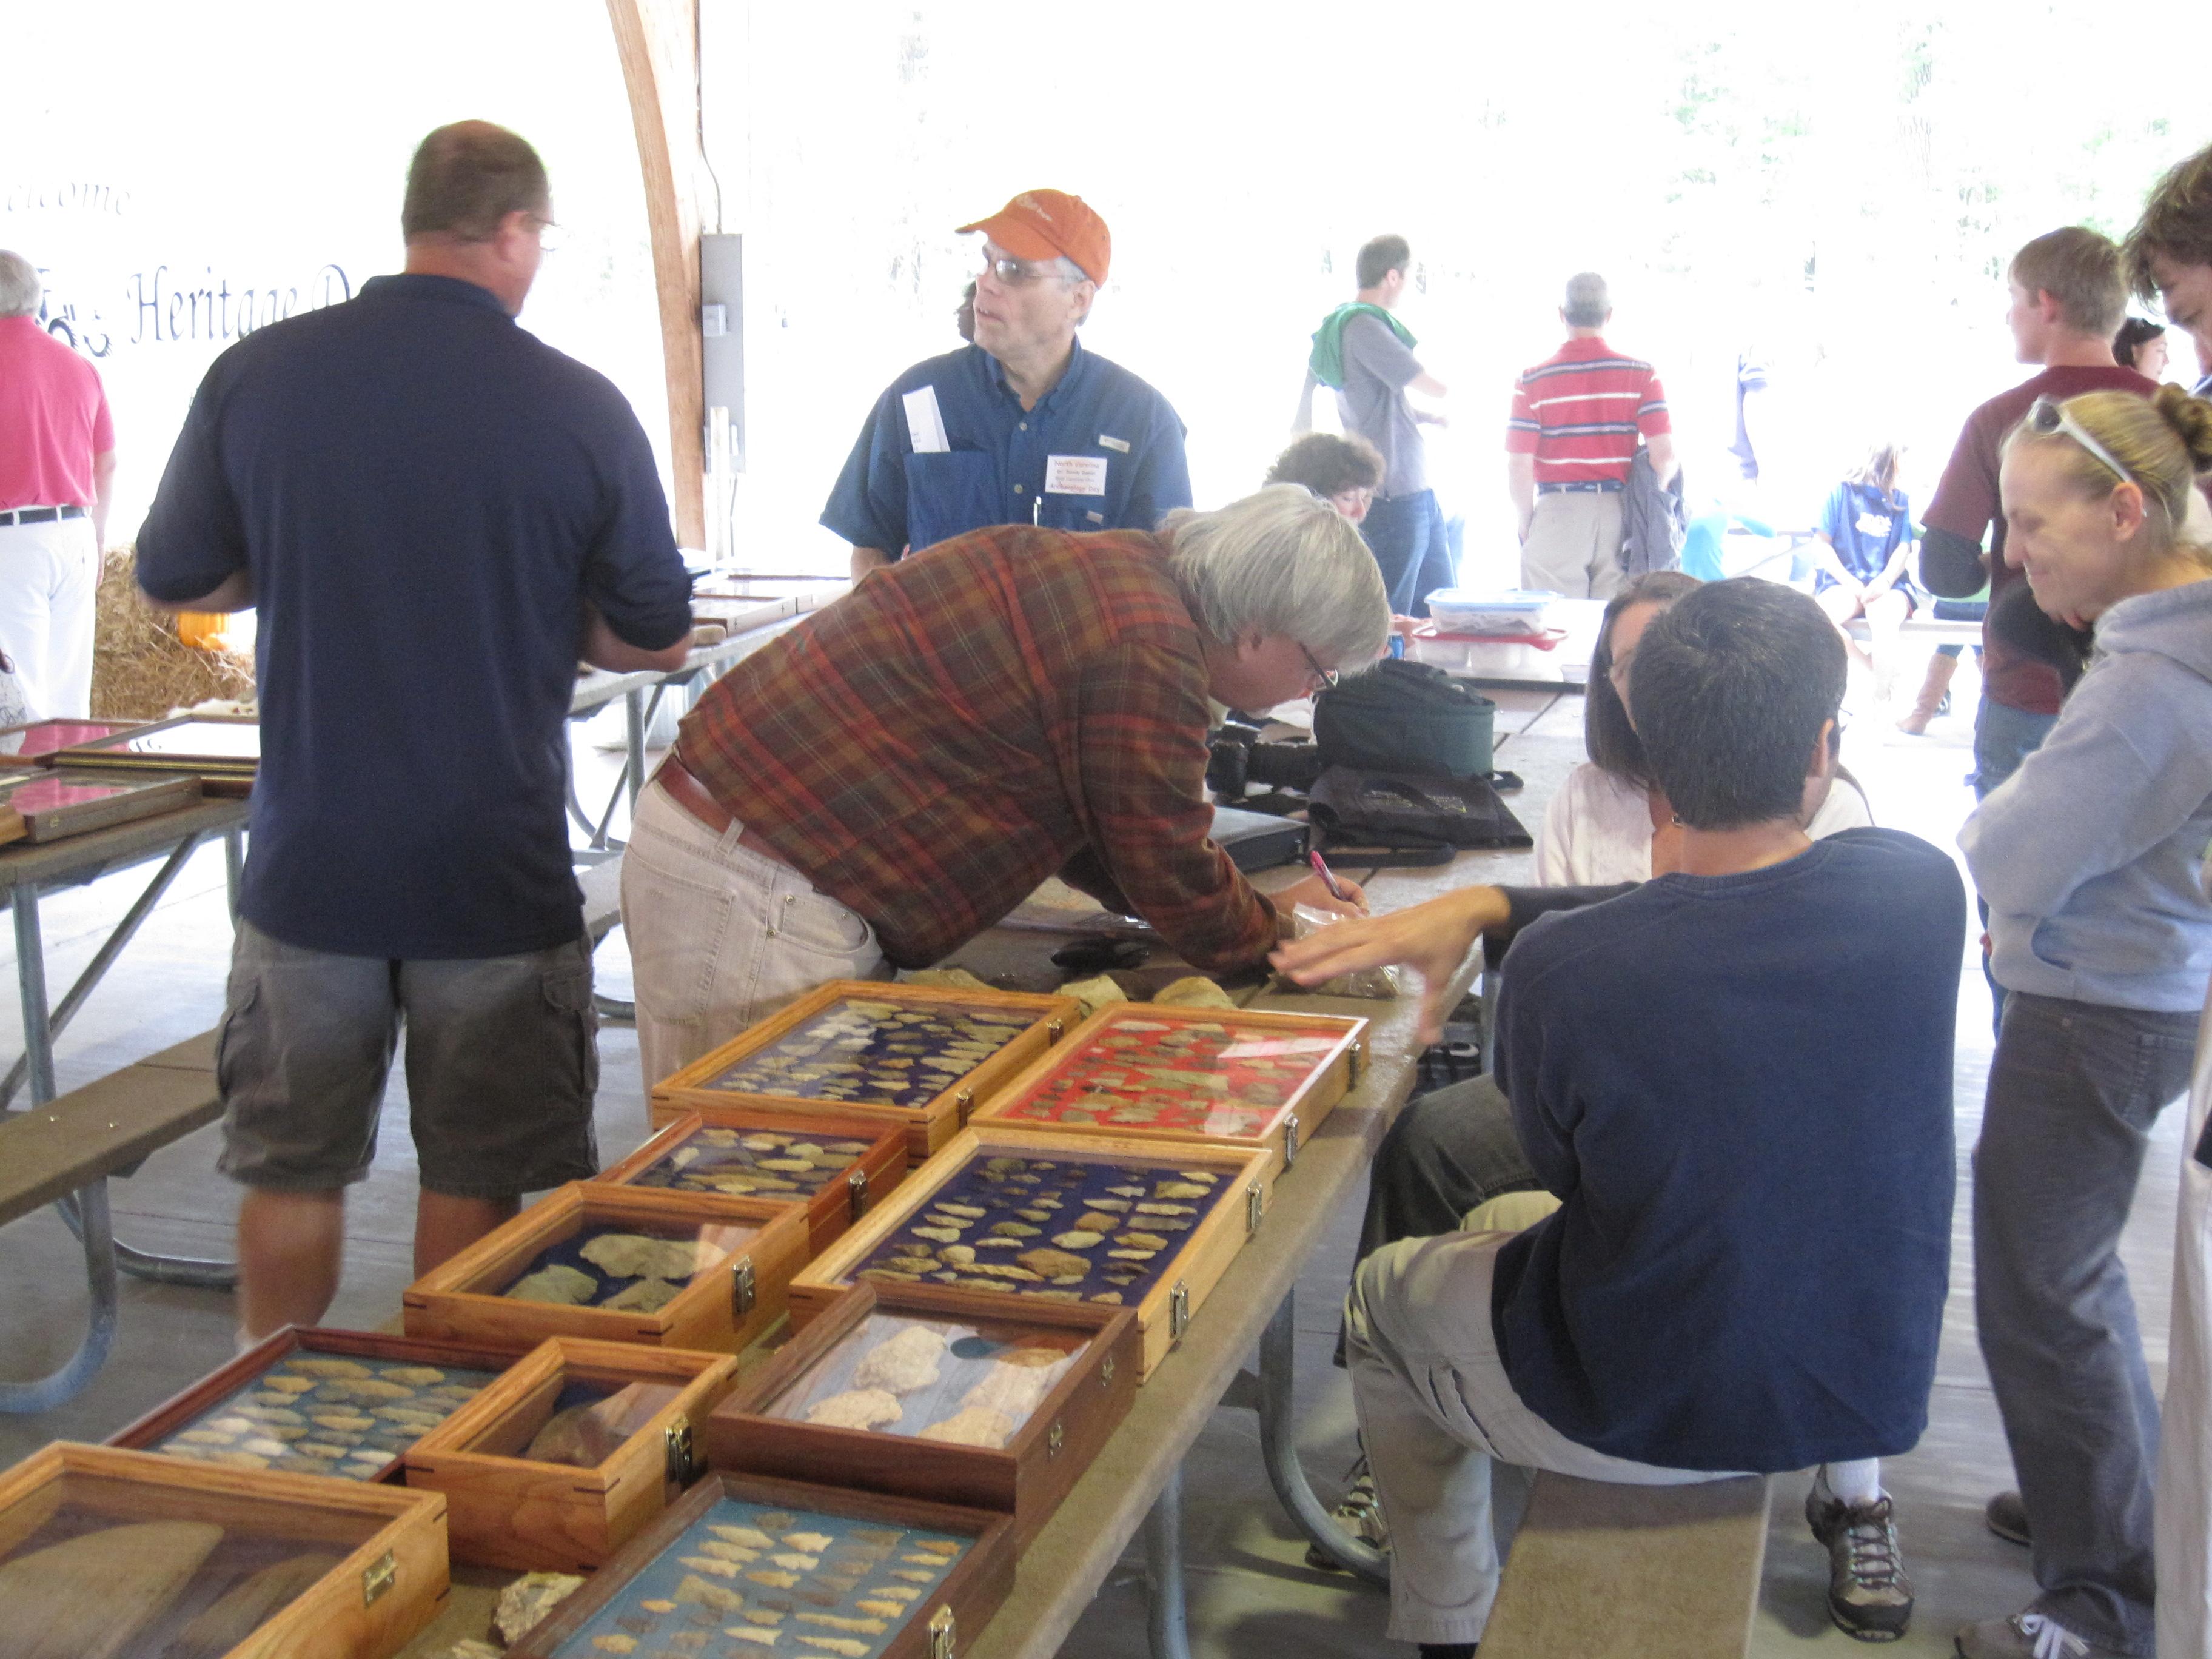 An archaeology display at Jordan Lake's Heritage Day